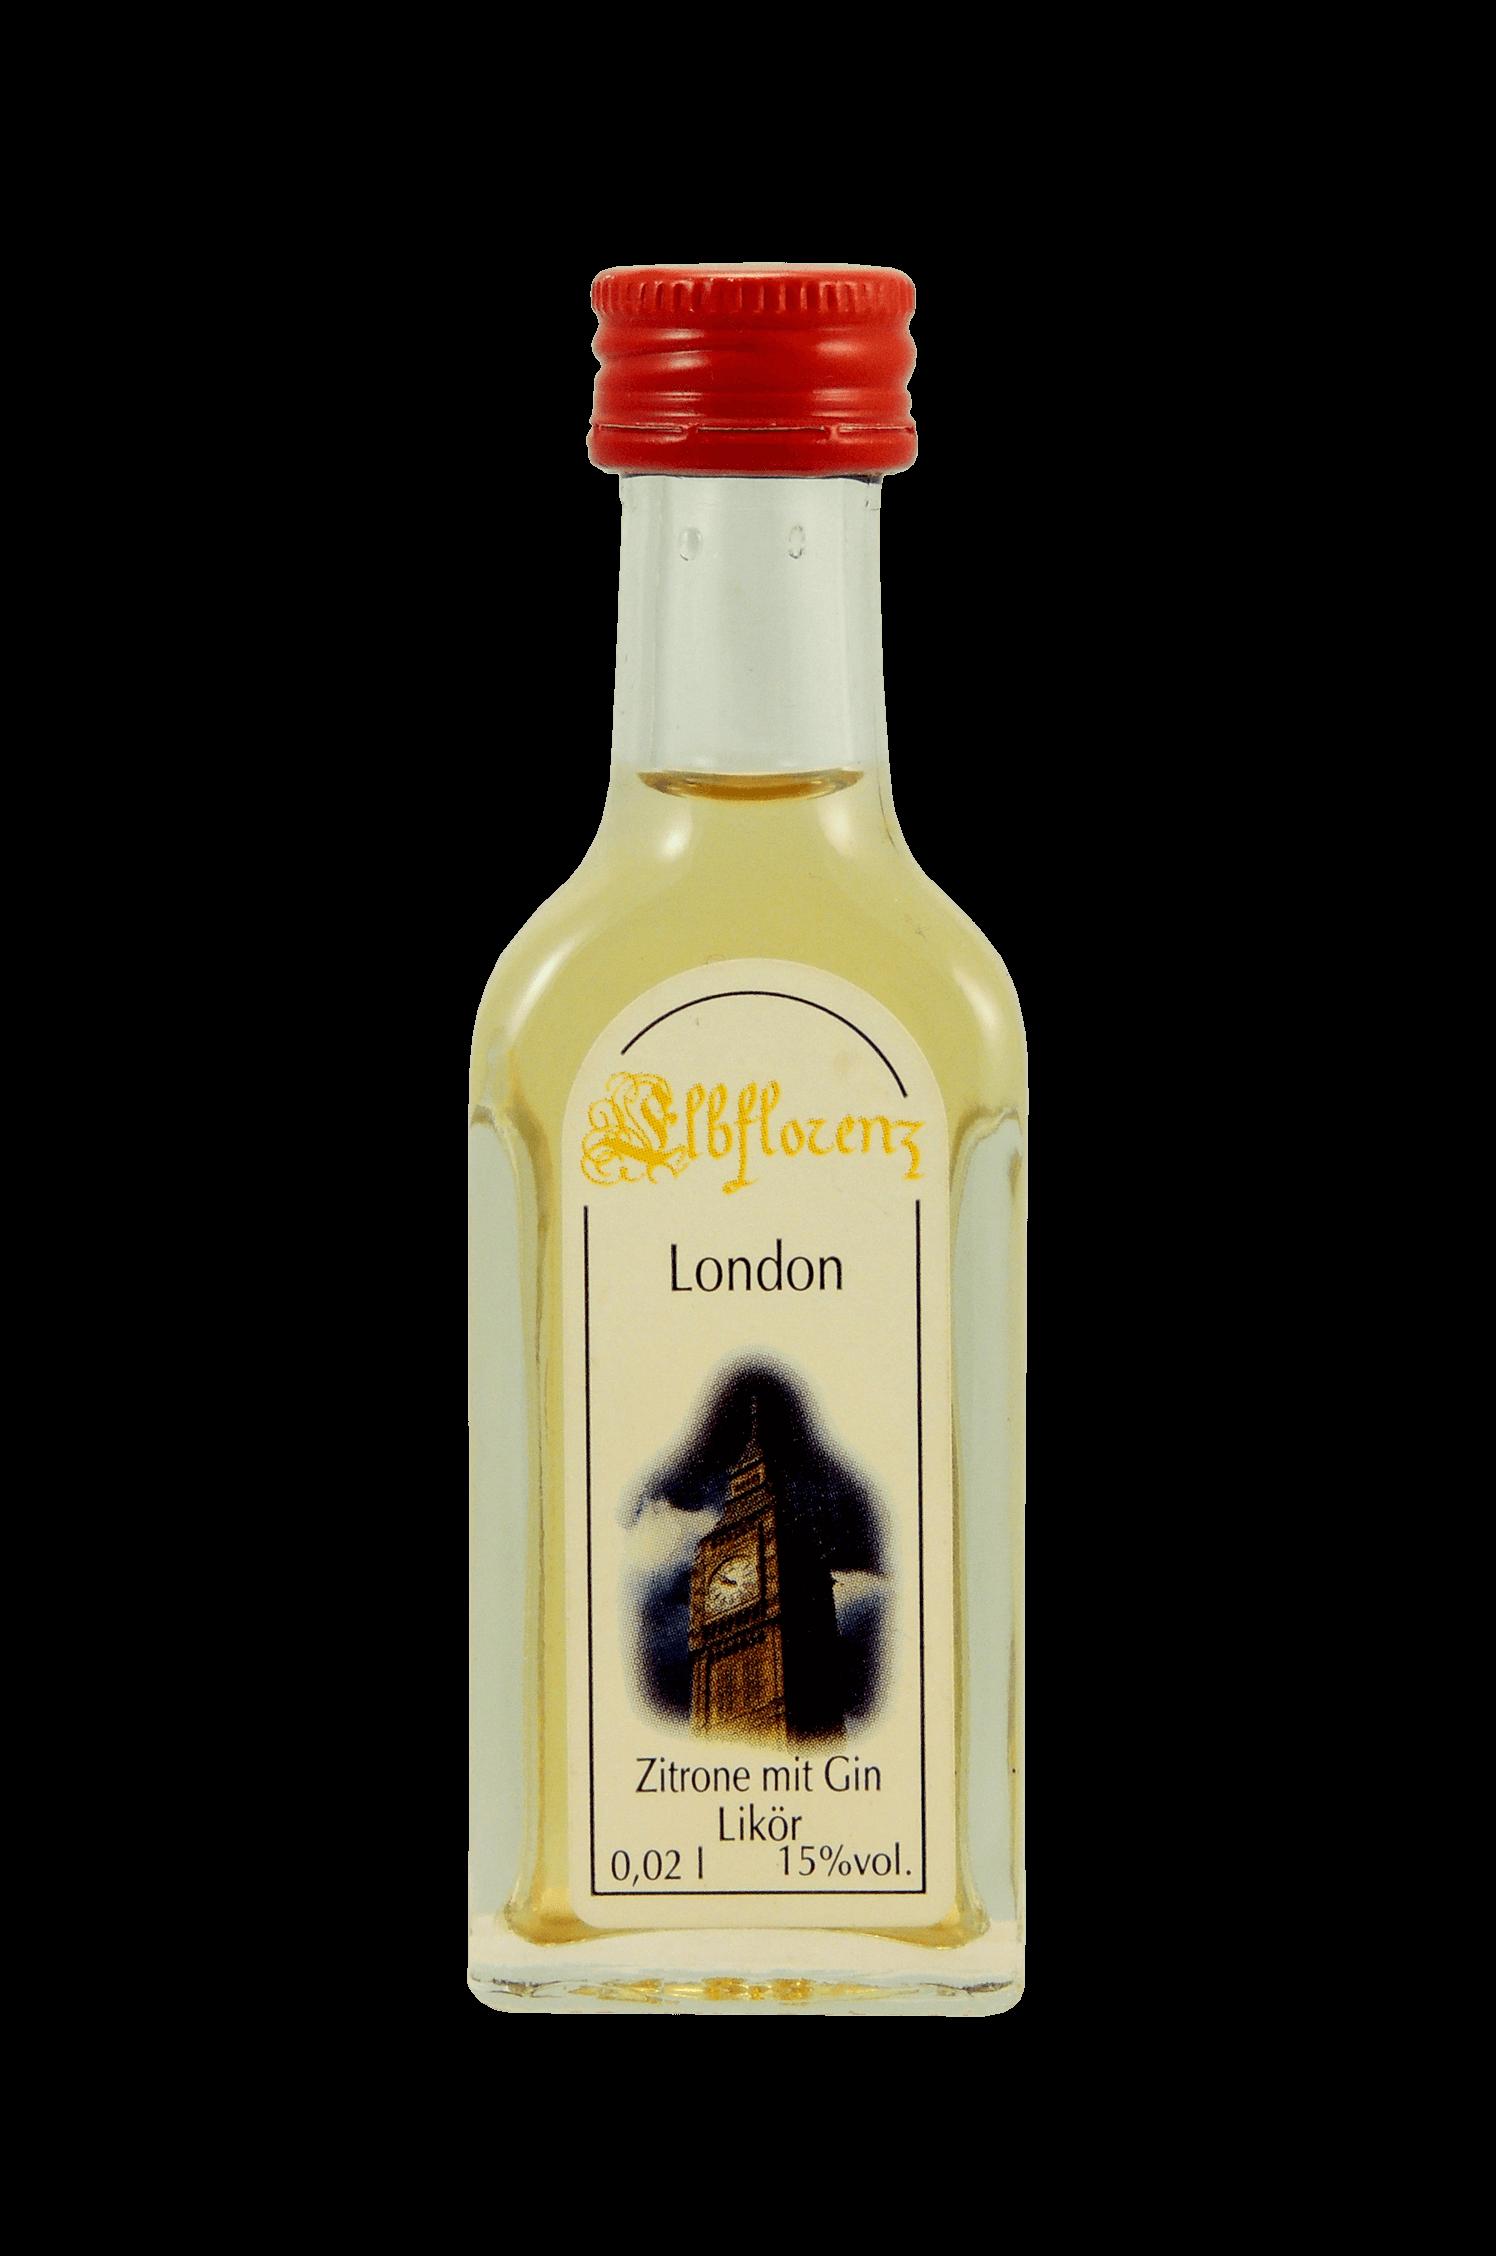 Zitrone Mit Gin Likör